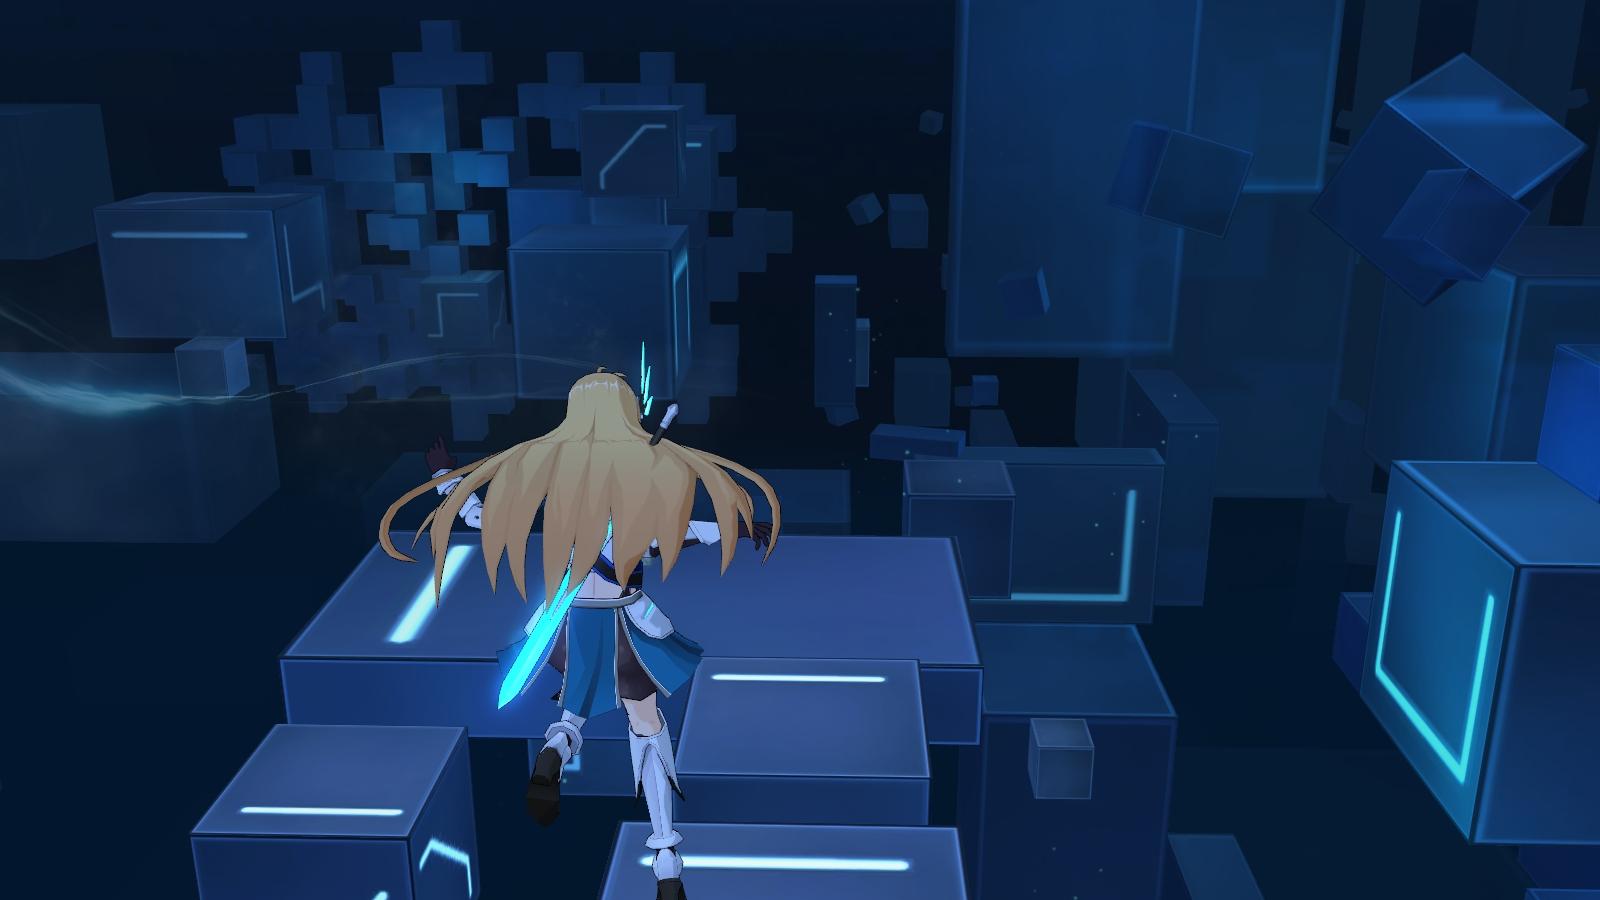 アニメ風オンラインRPG「ソウルワーカー」でミニゲーム系新イベント【ソウルジャンパー】が開始!